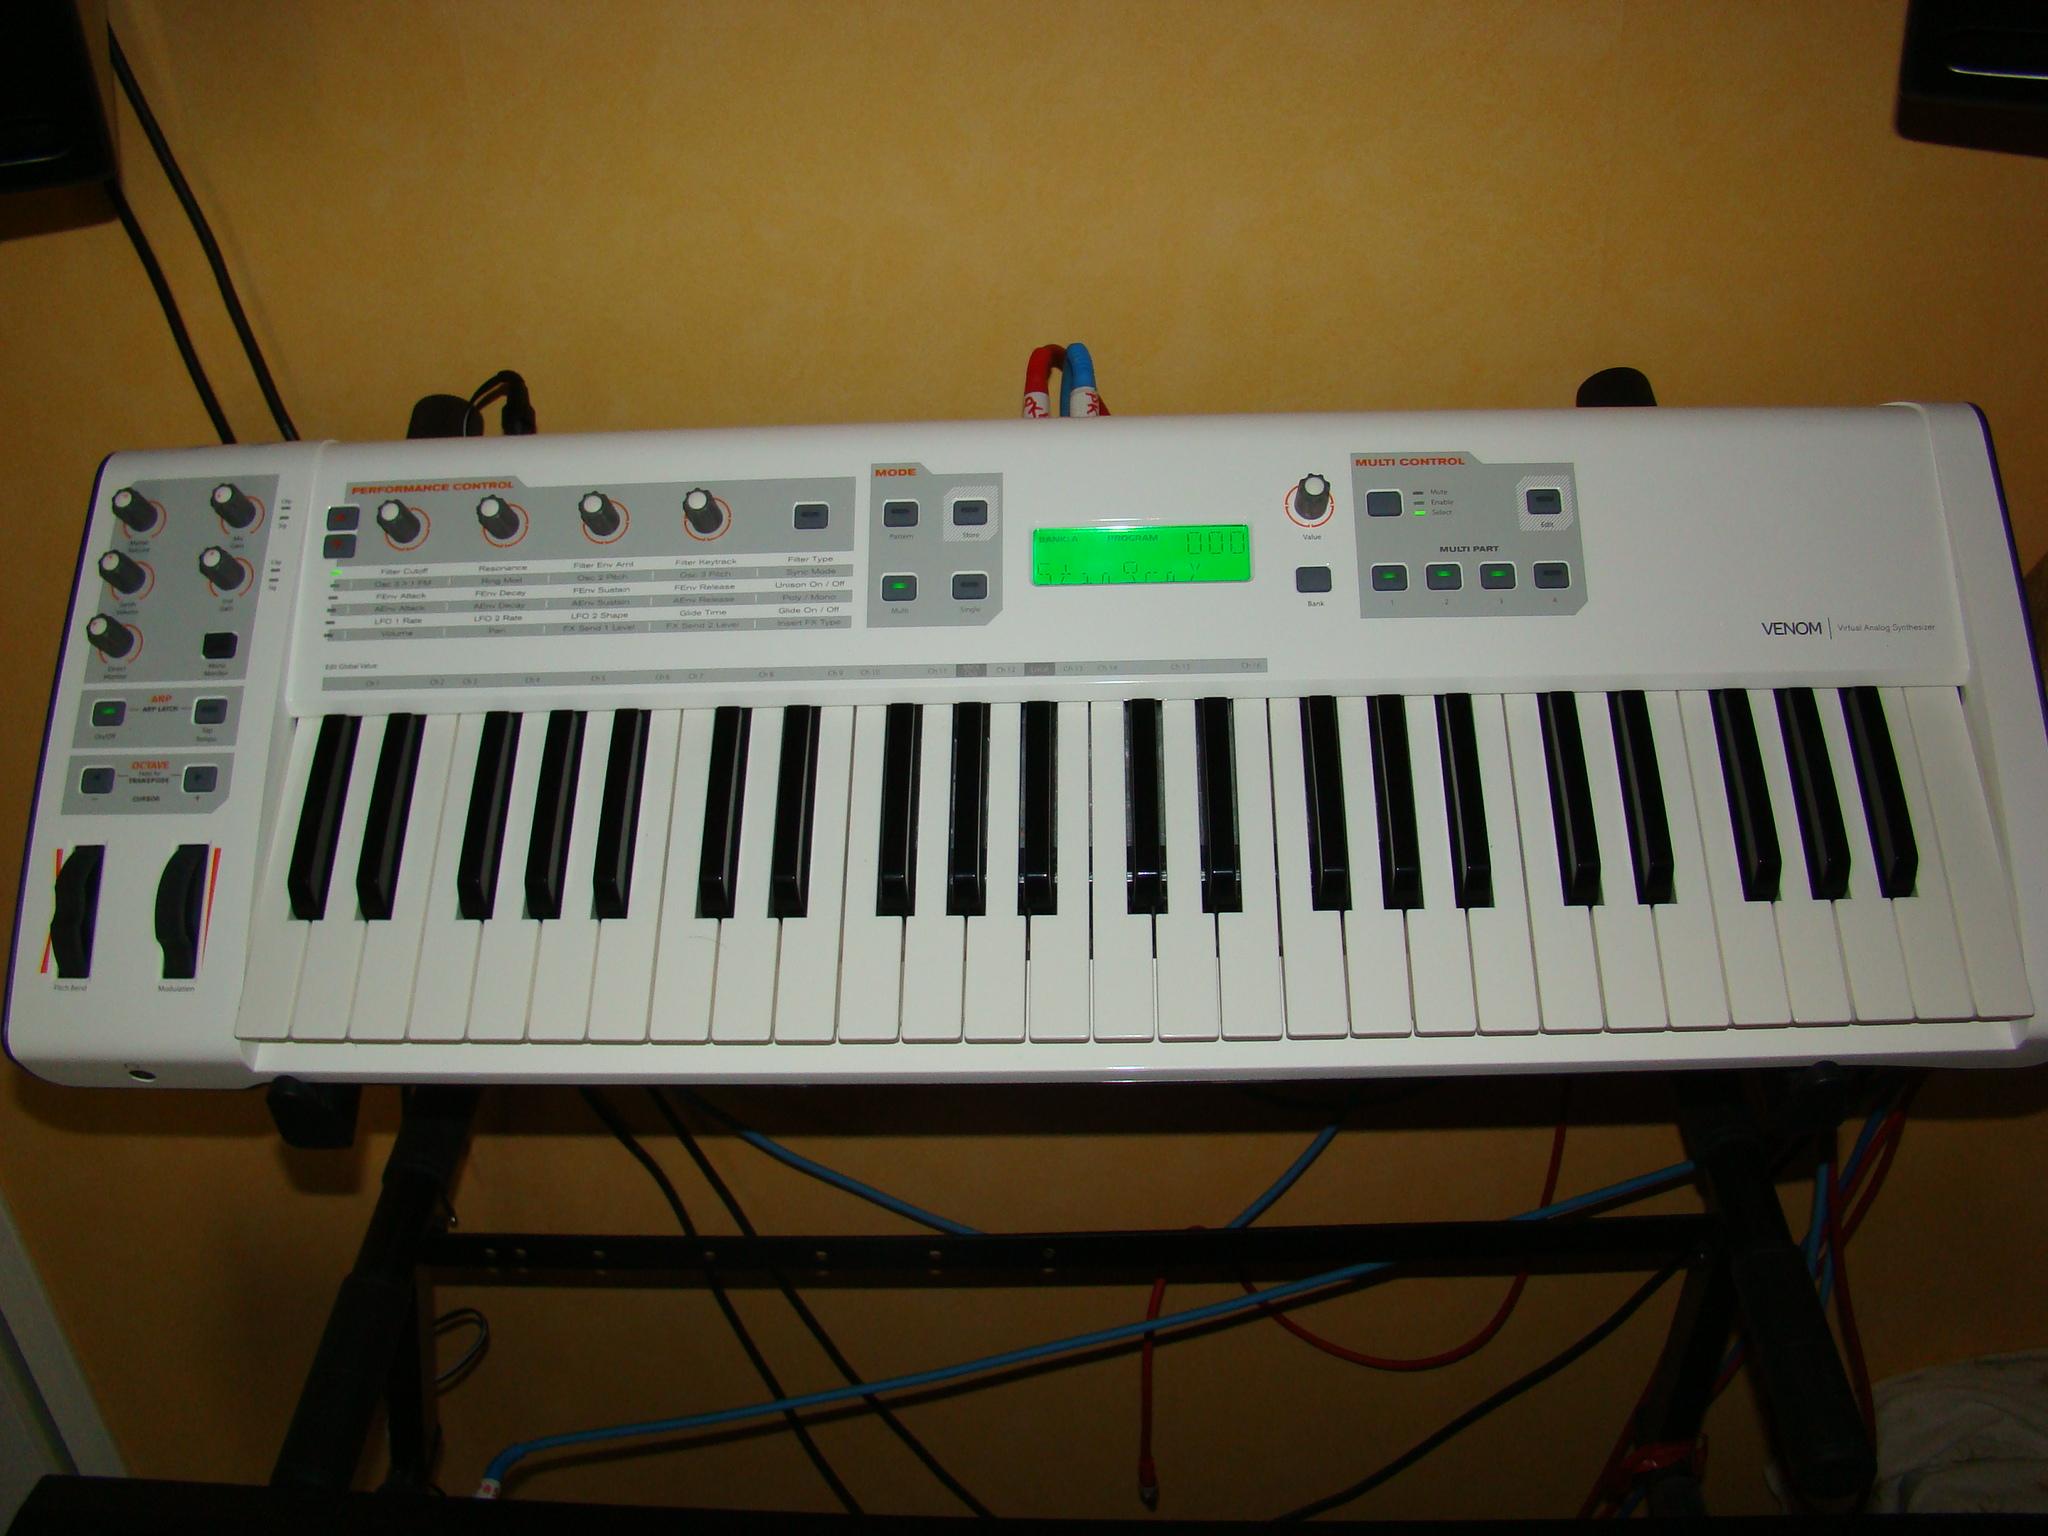 m audio venom image 427015 audiofanzine rh en audiofanzine com m-audio venom user guide m-audio venom user guide